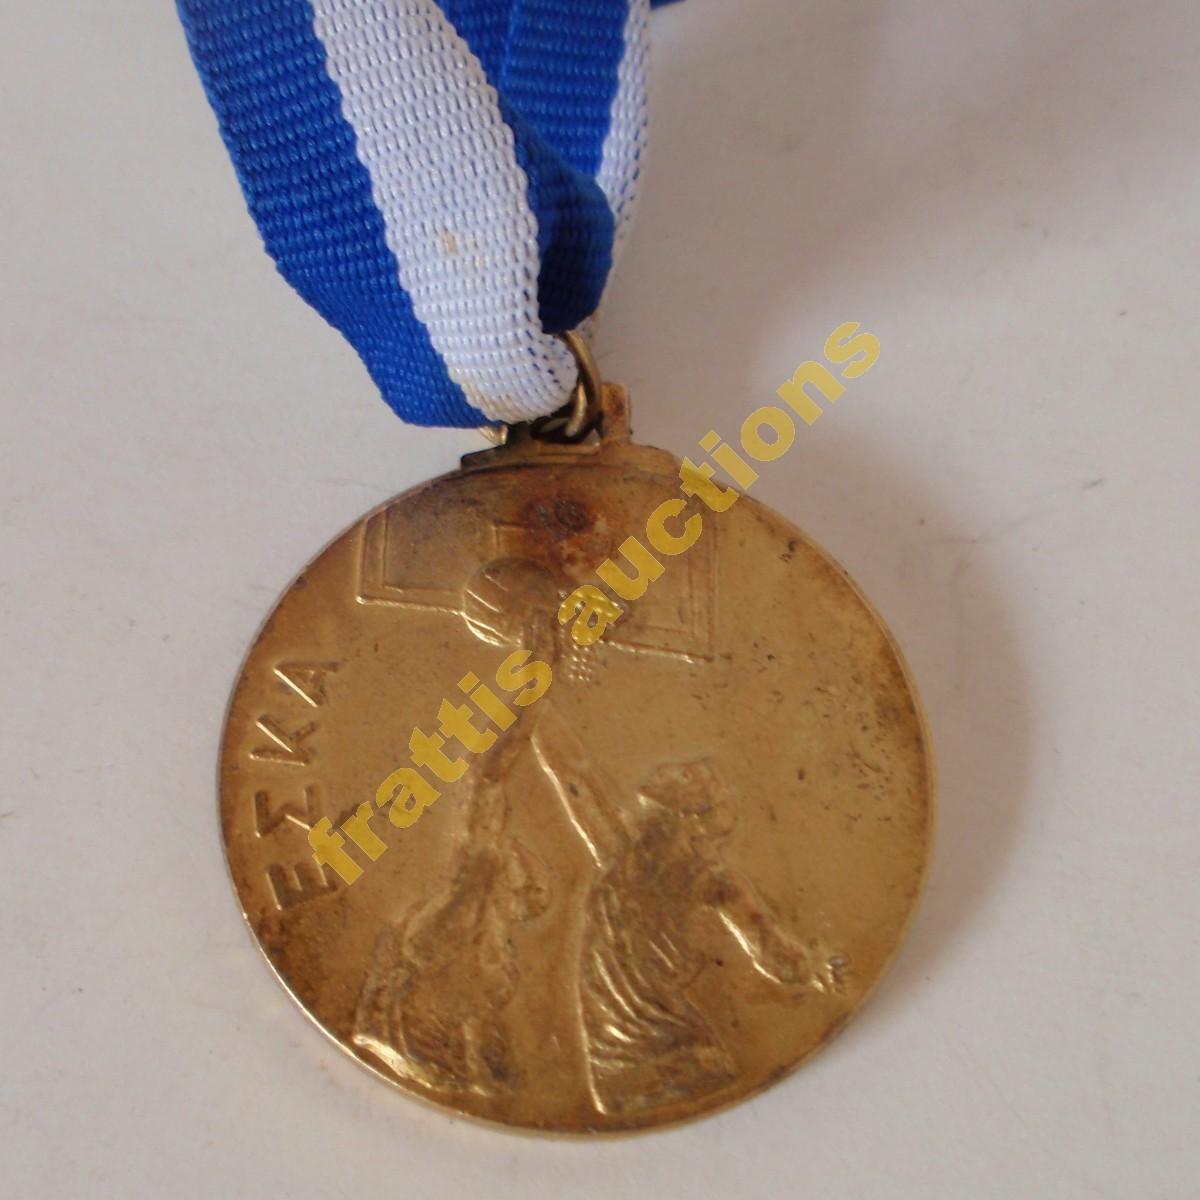 ΕΣΚΑ, μετάλλιο Ελληνικής Καλαθοσφαίρησης.1976